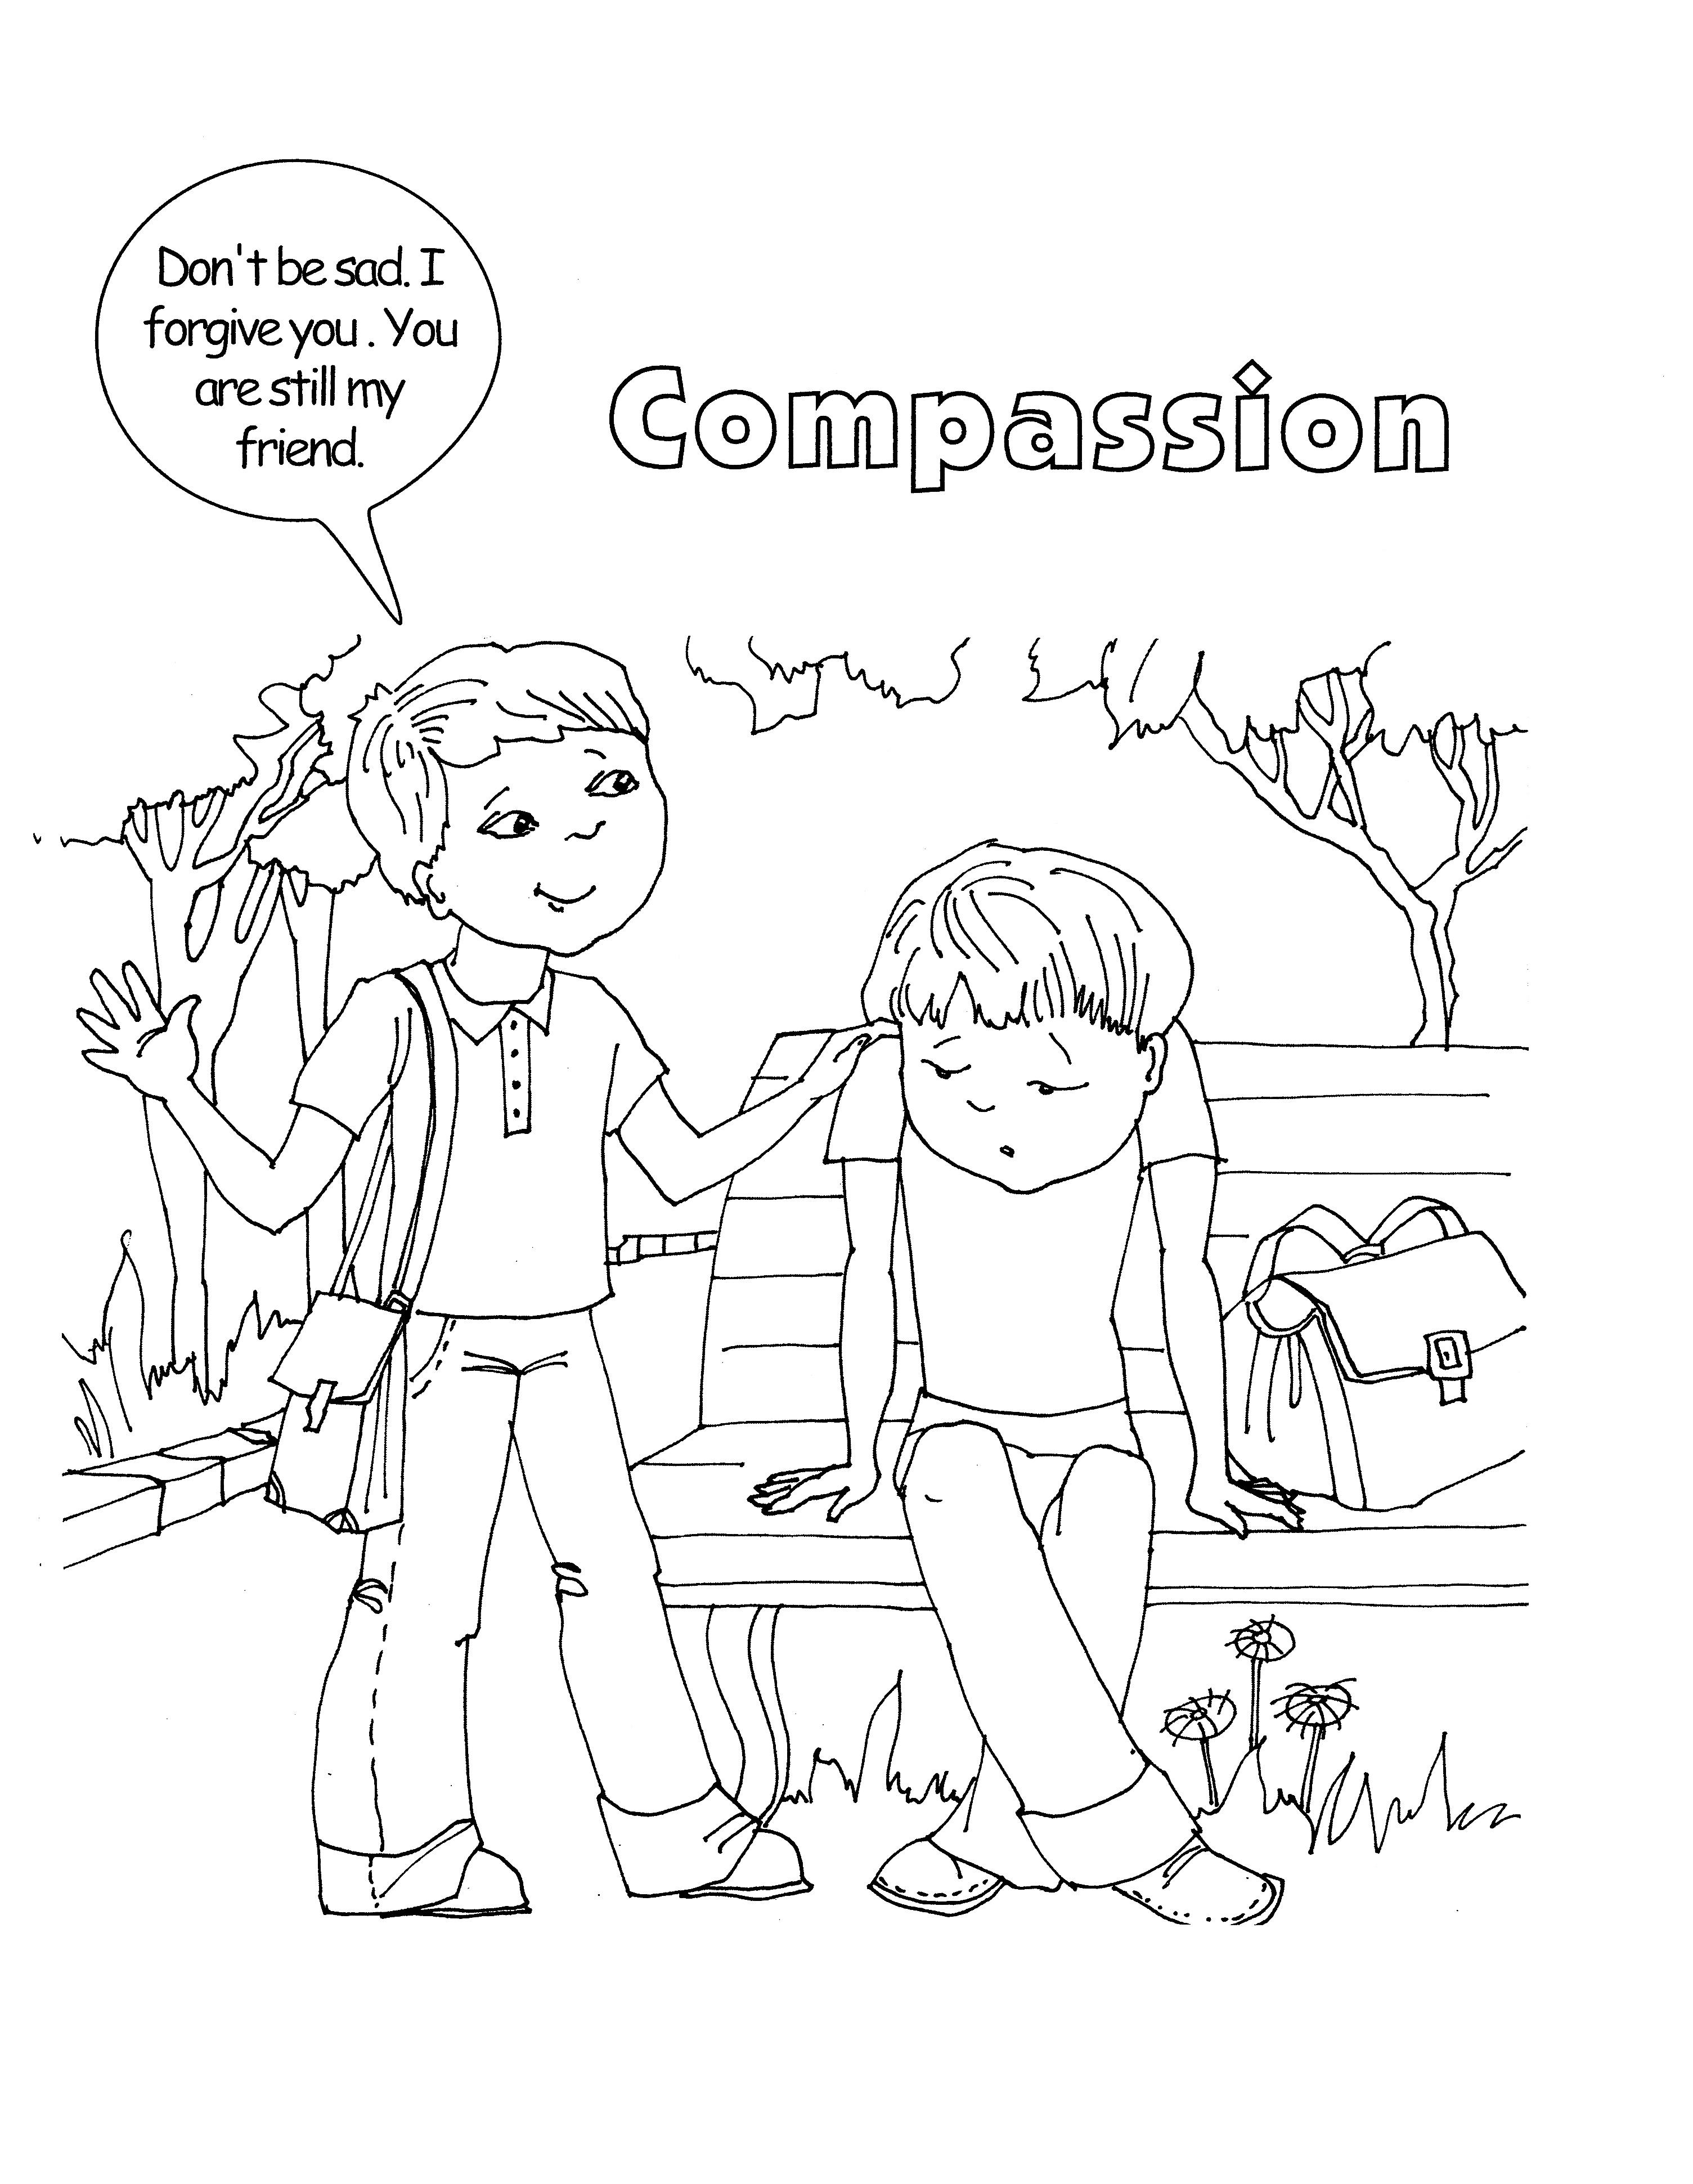 13 Compassion